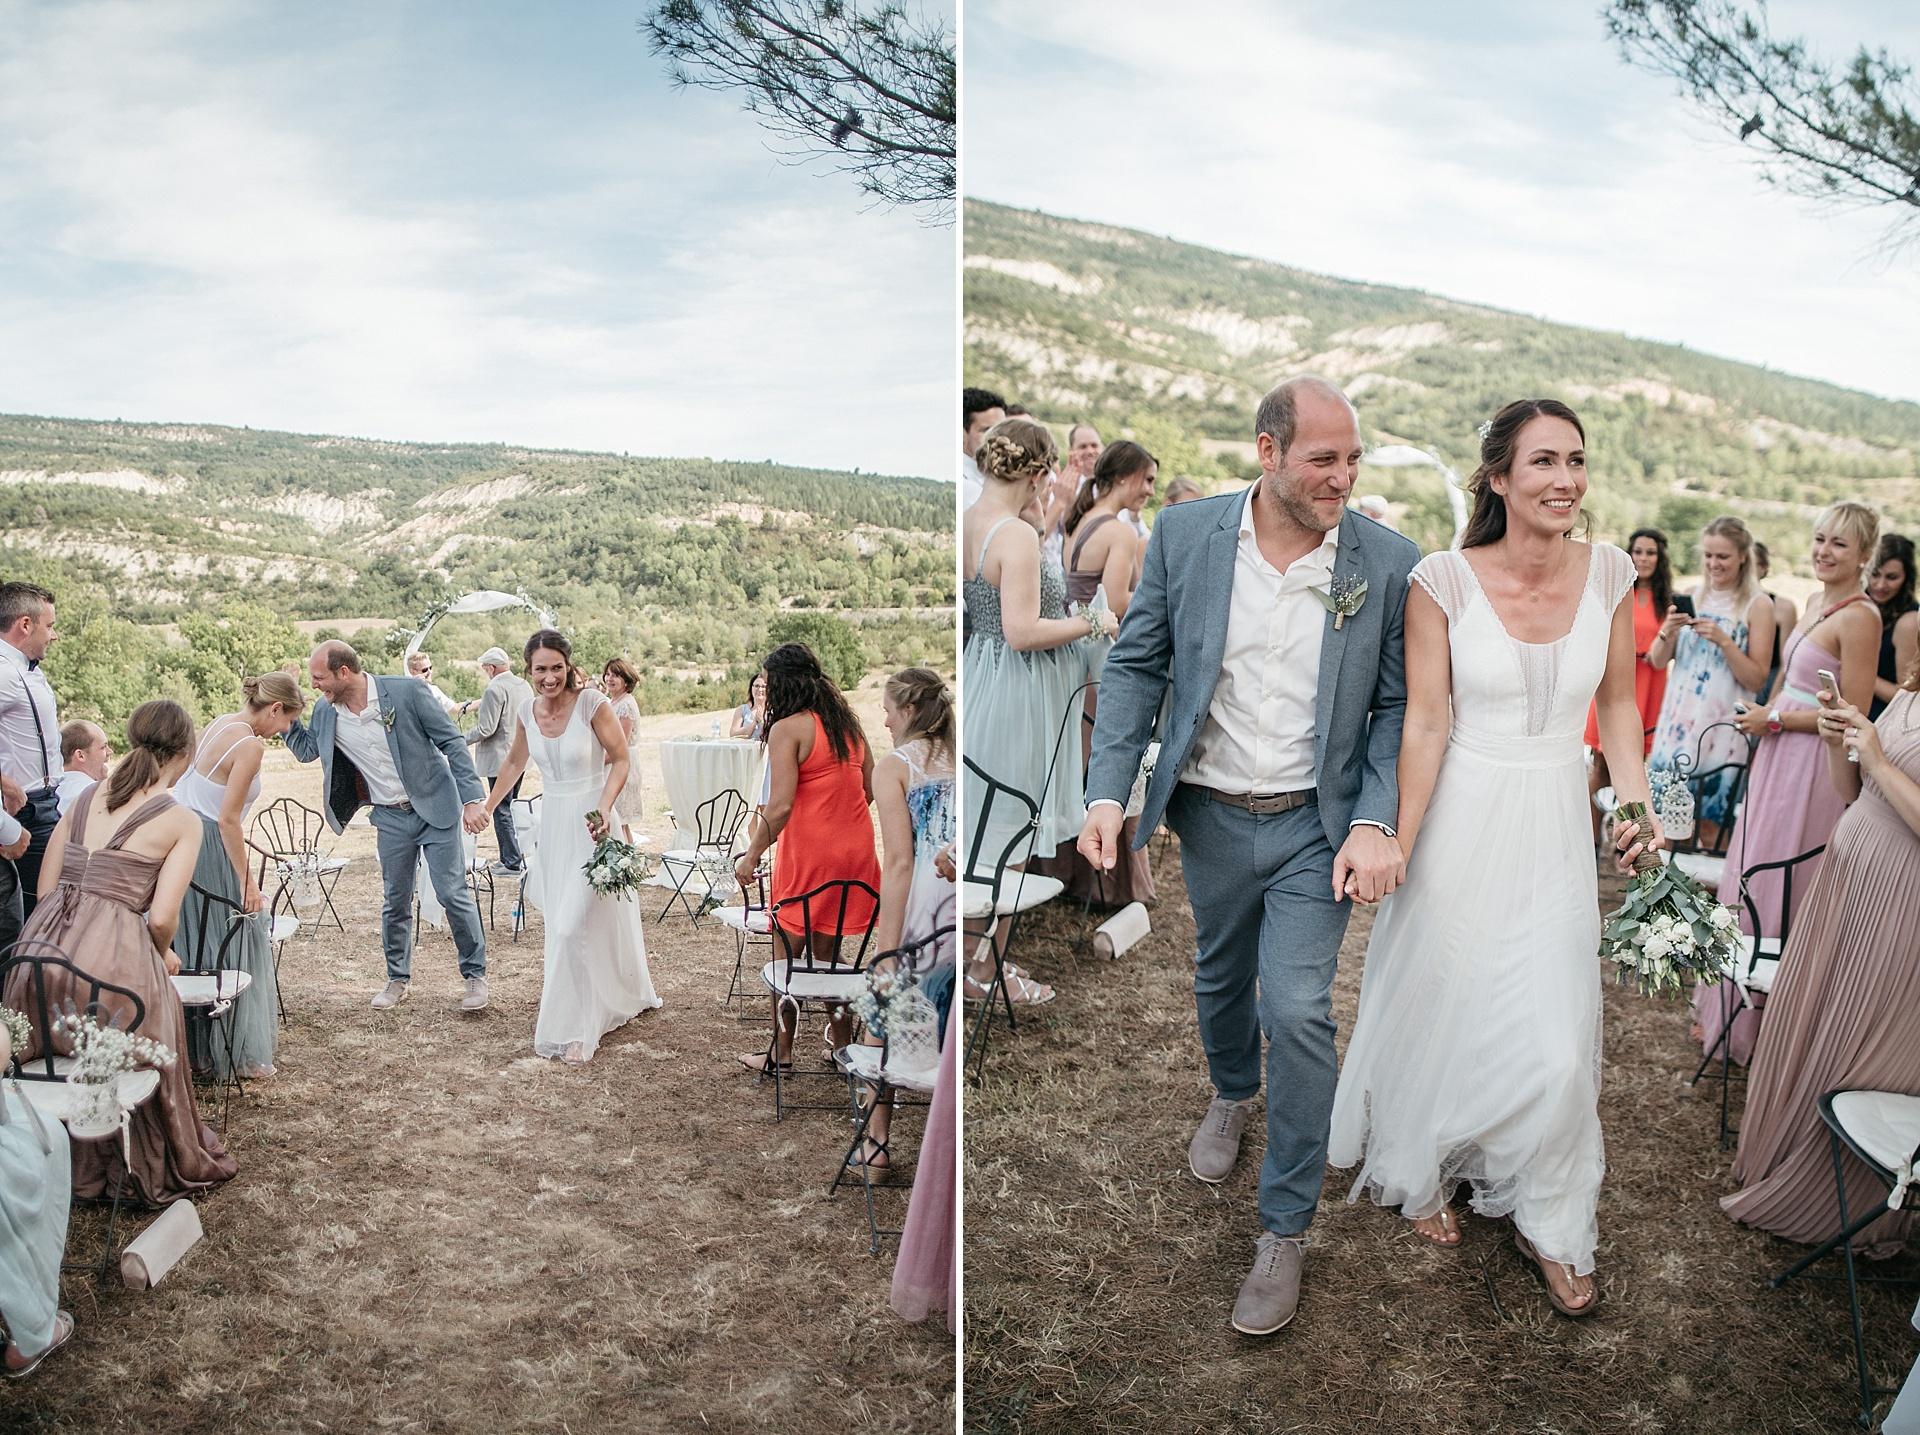 Traumhafte Hochzeit in der Provence. Der Auszug.